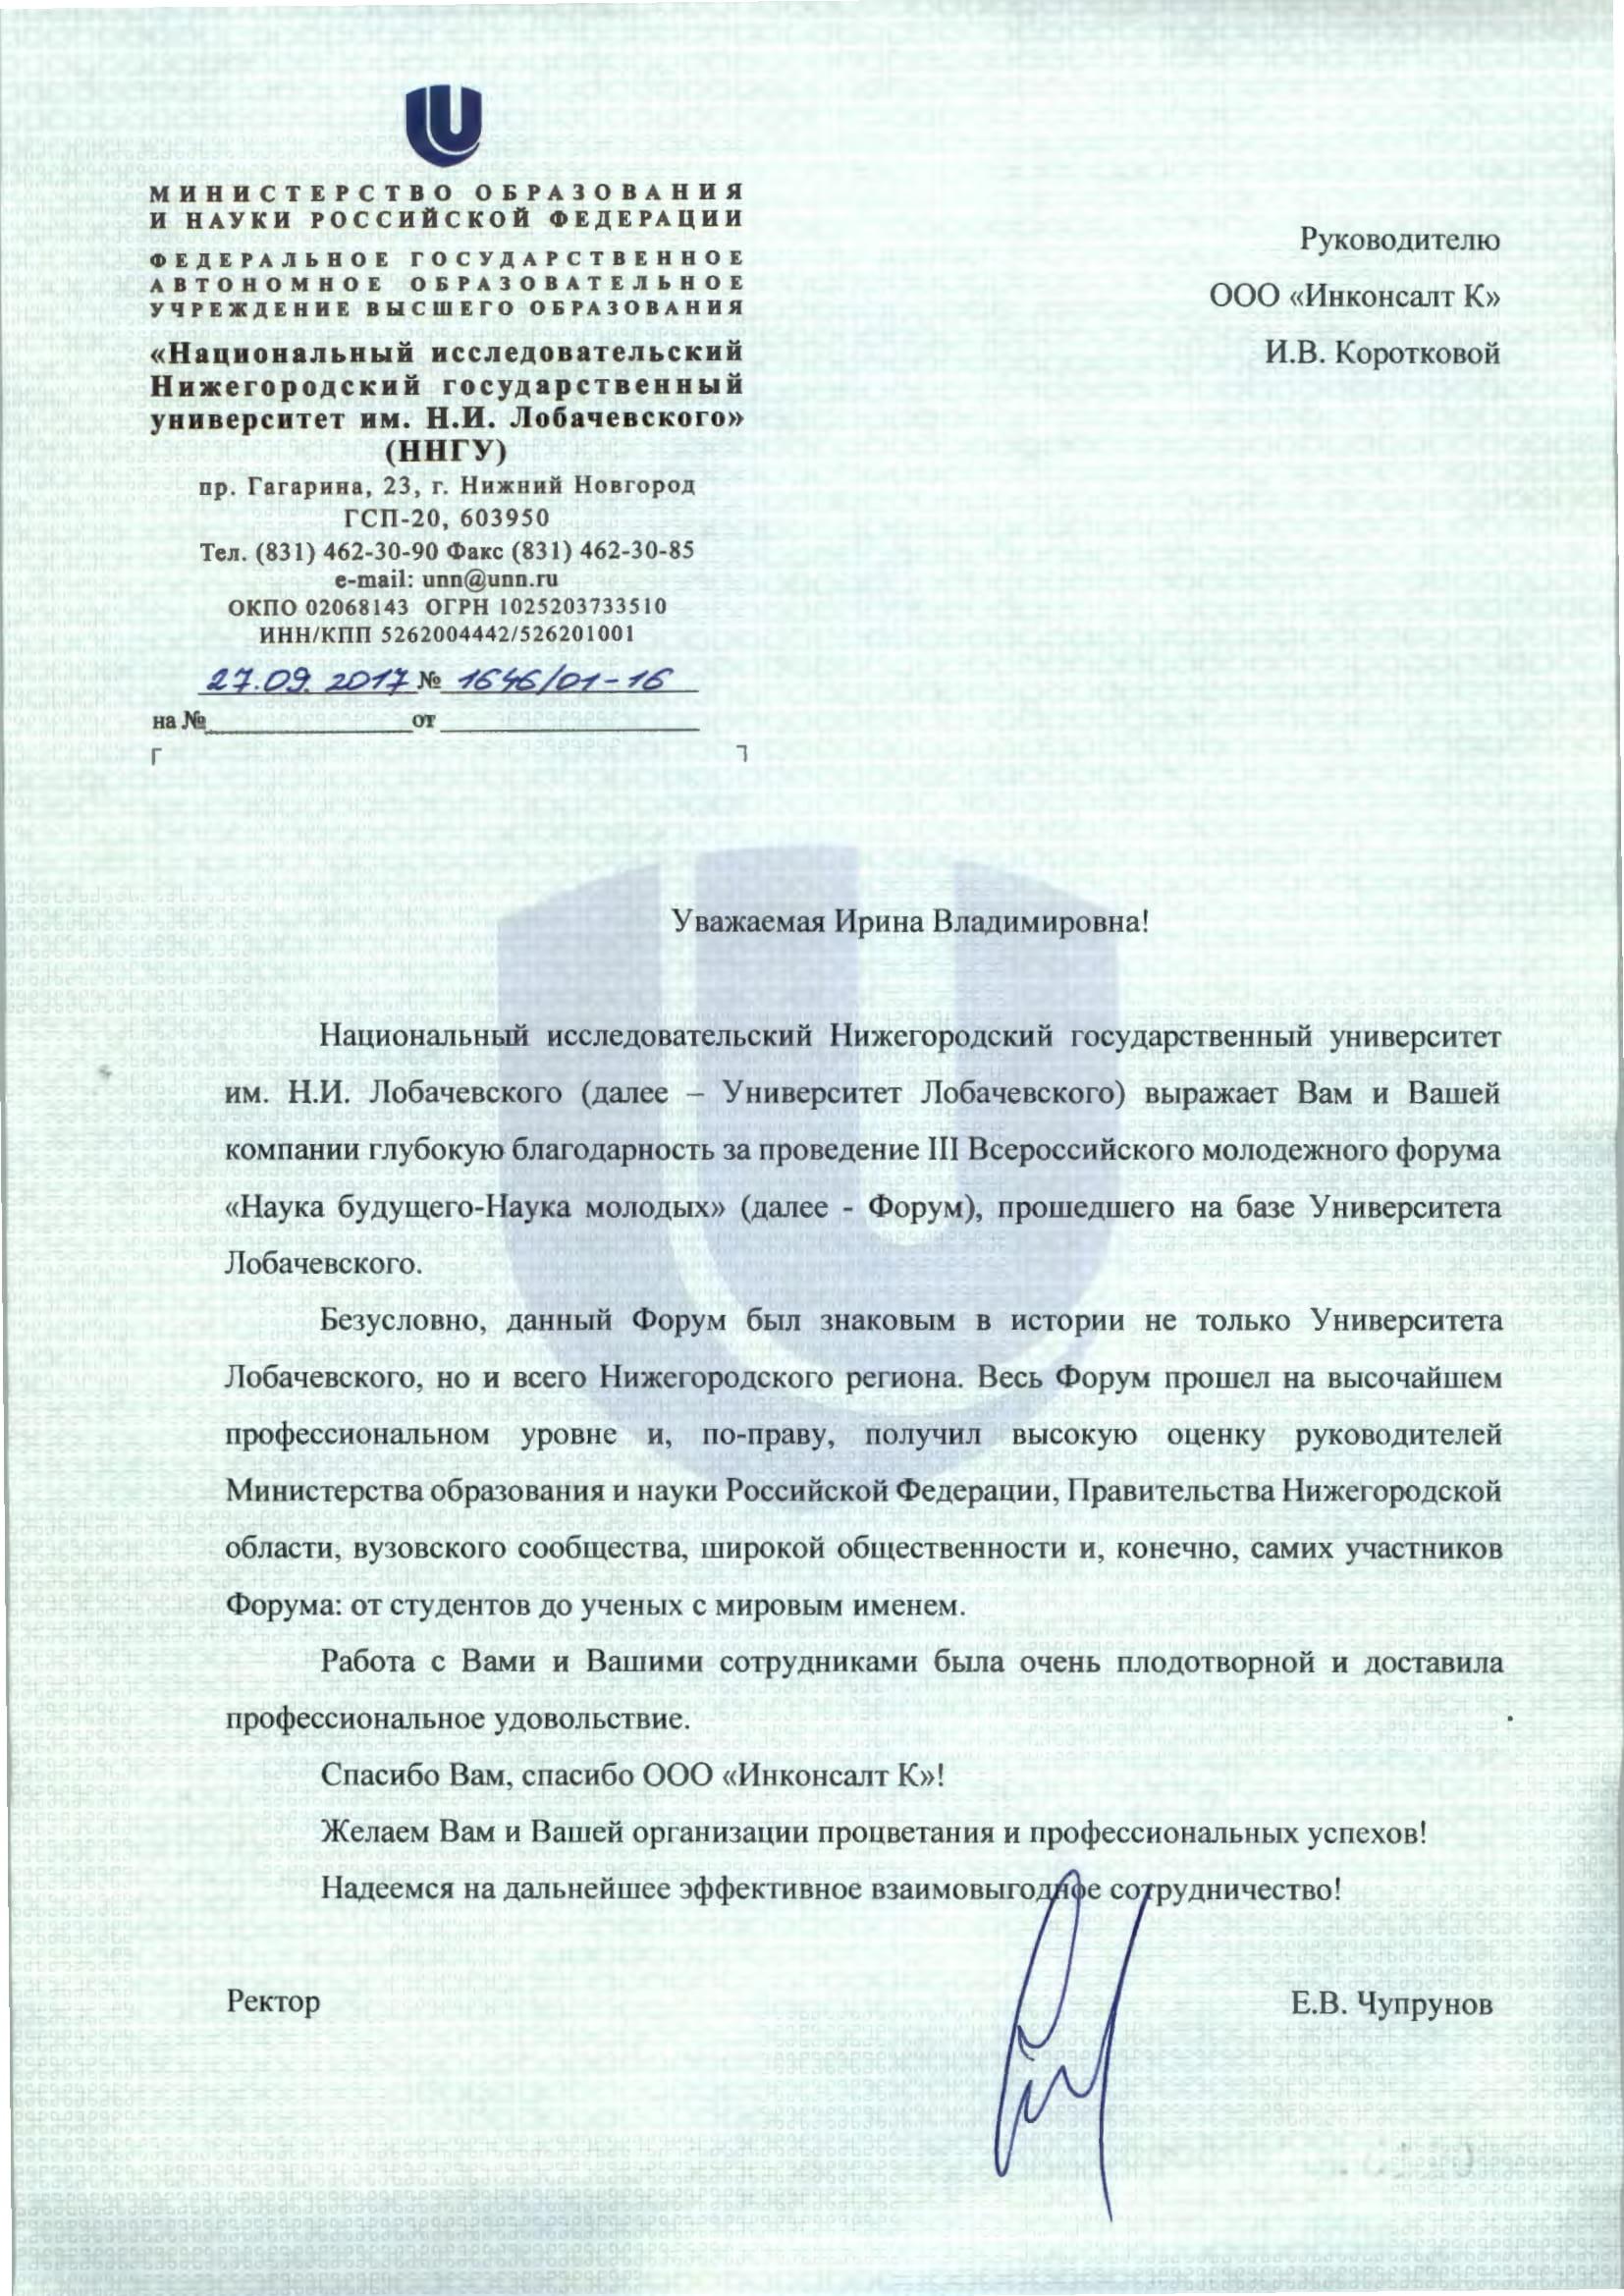 НБНМ2017 - ННГУ Лобачевского-1